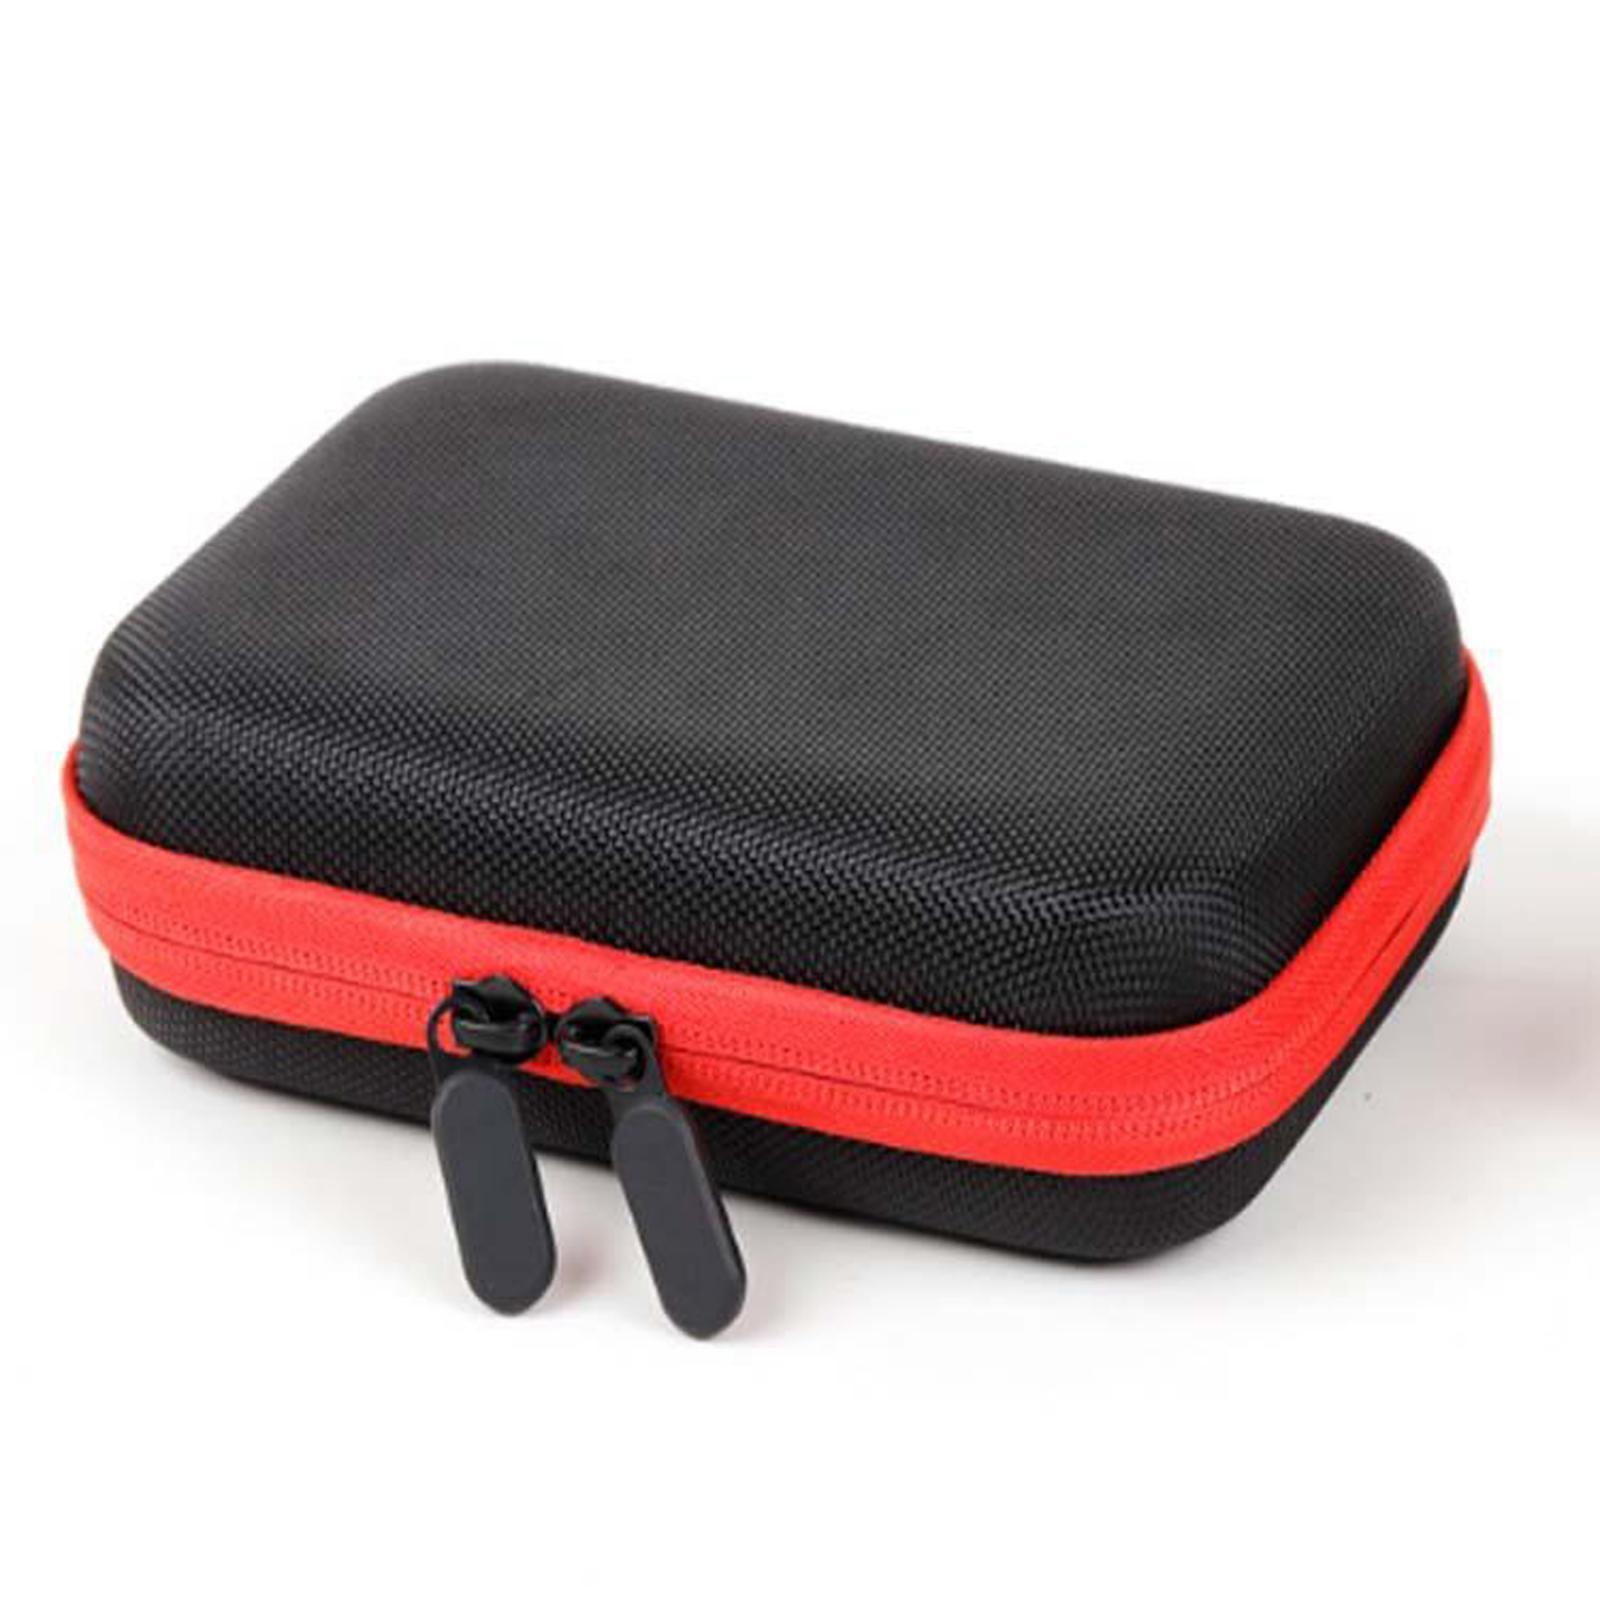 Sacchetto-di-olio-essenziale-custodia-da-viaggio-per-aromaterapia-da-10ml-per-12 miniatura 11